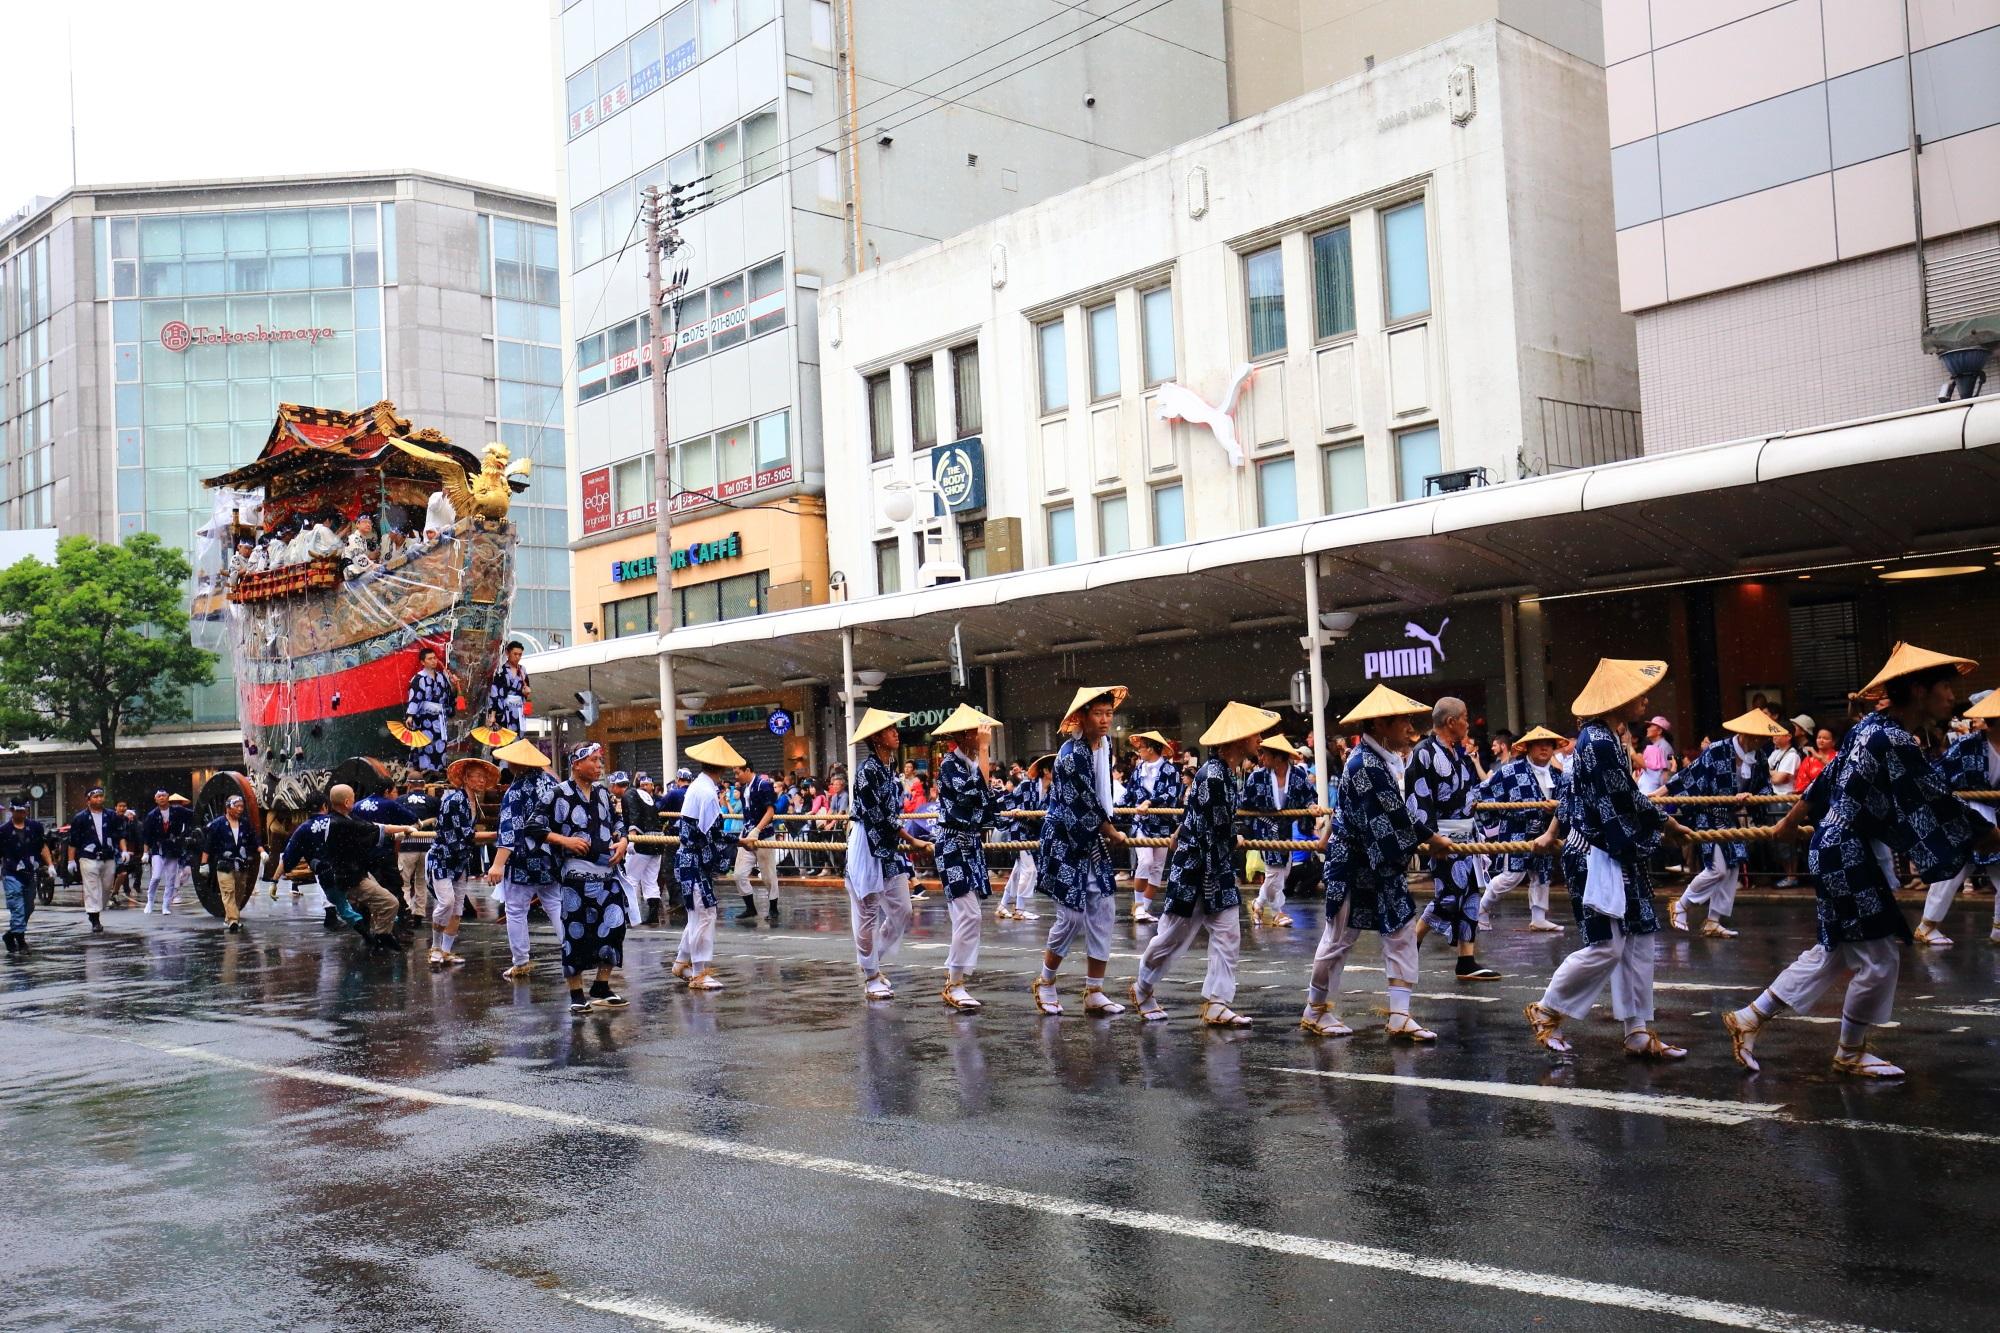 京都祇園祭の山鉾巡行の船鉾(ふねほこ)